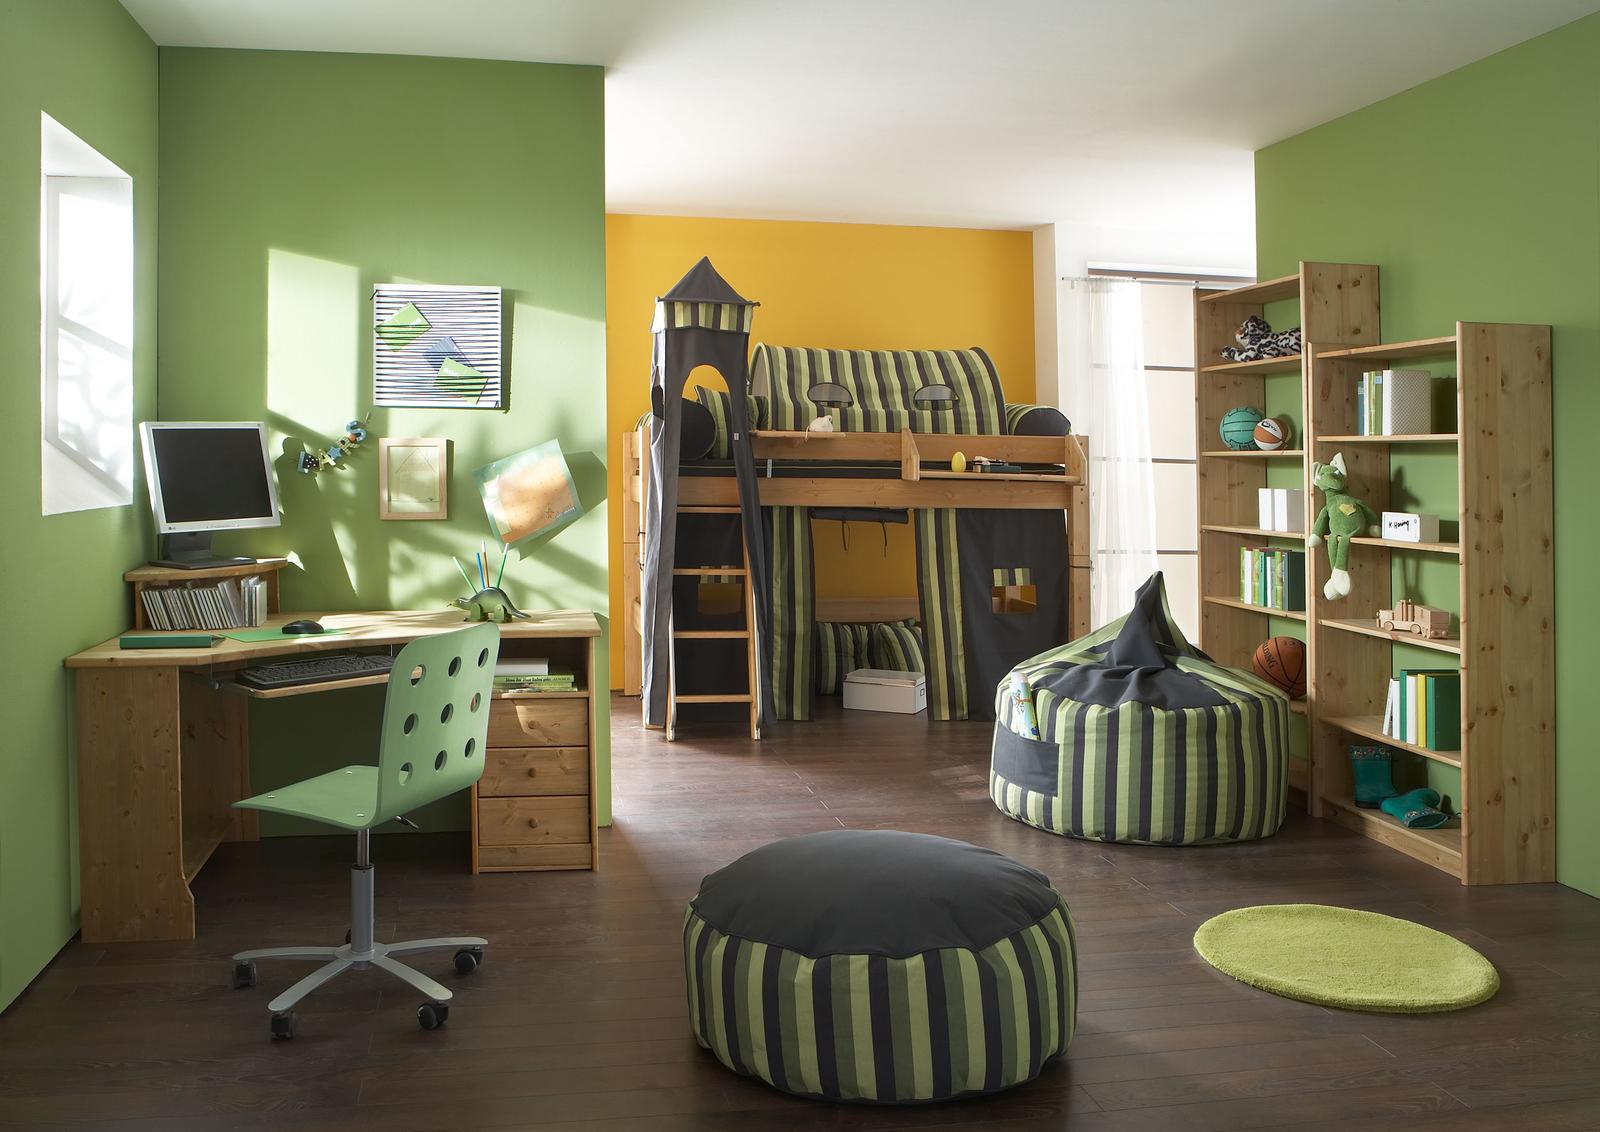 Kinderzimmer Mit Etagenbett : Kinderzimmer hochbett forest aus massivholz von dolphin günstig